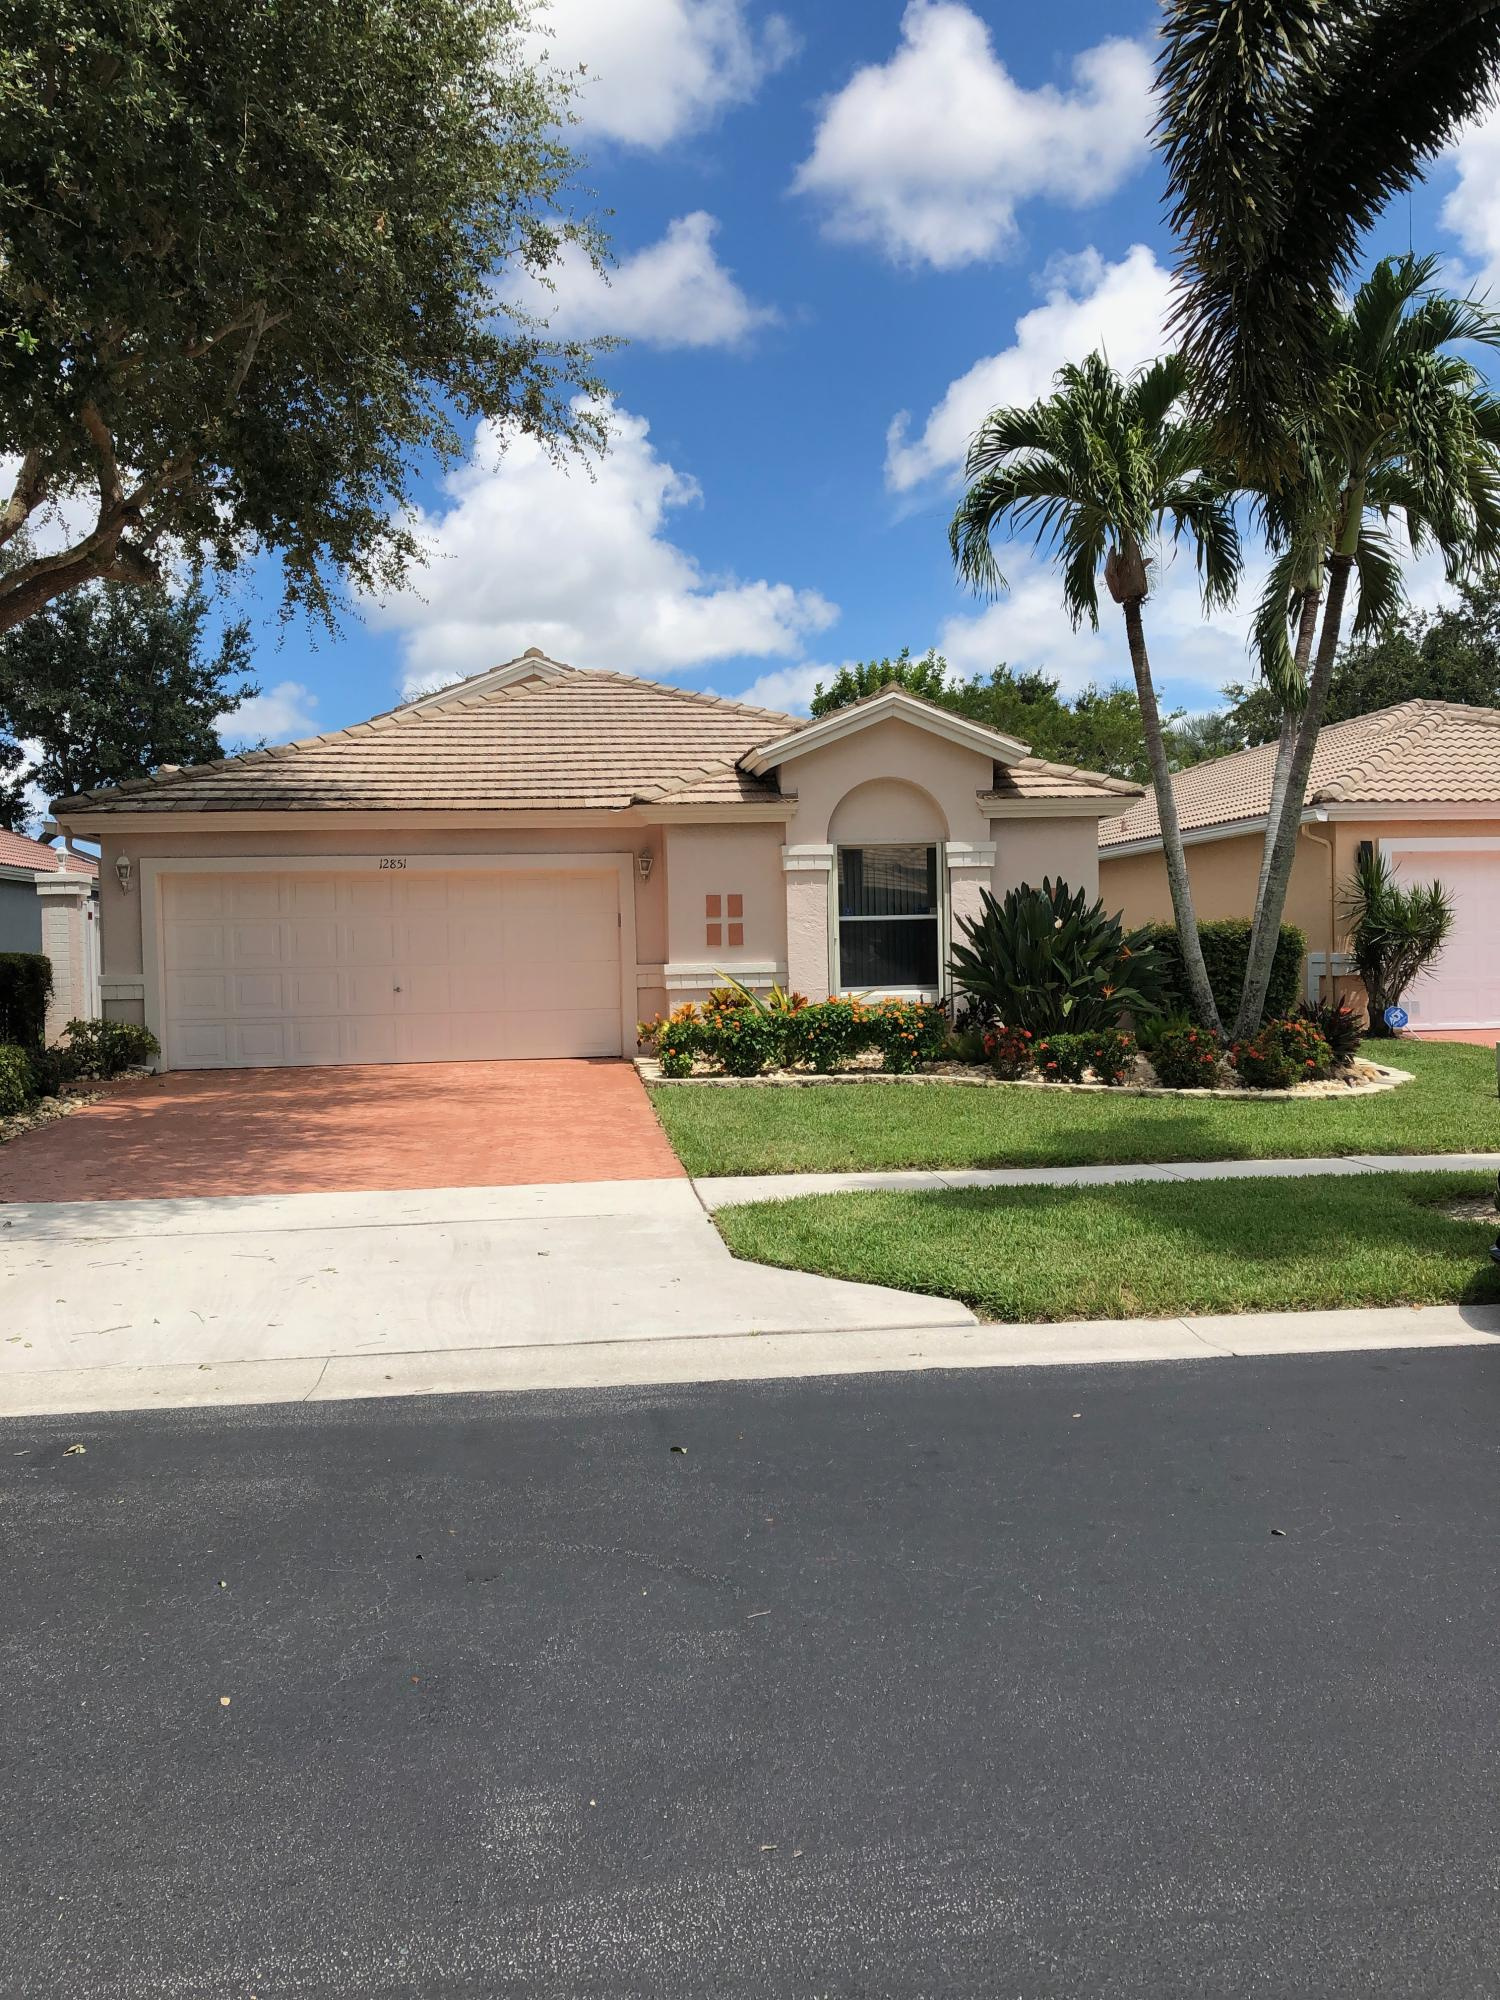 12851 Coral Lakes Drive Boynton Beach, FL 33437